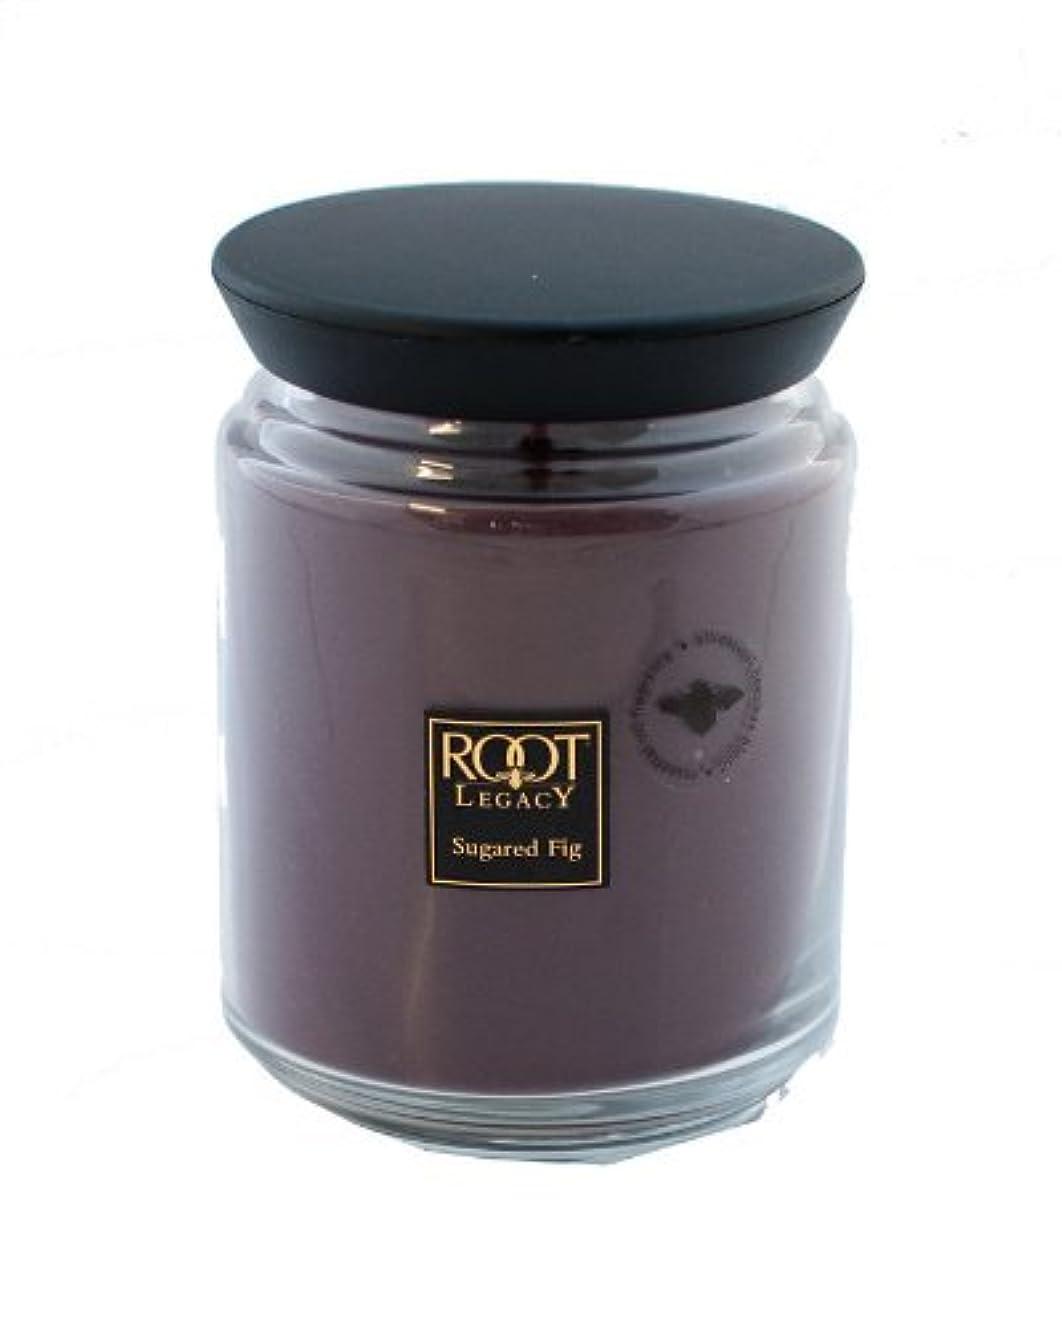 足直立無駄ルートキャンドルQueen Bee Jar Large Sugared Fig Candleルートキャンドルで、ワックス、パープル